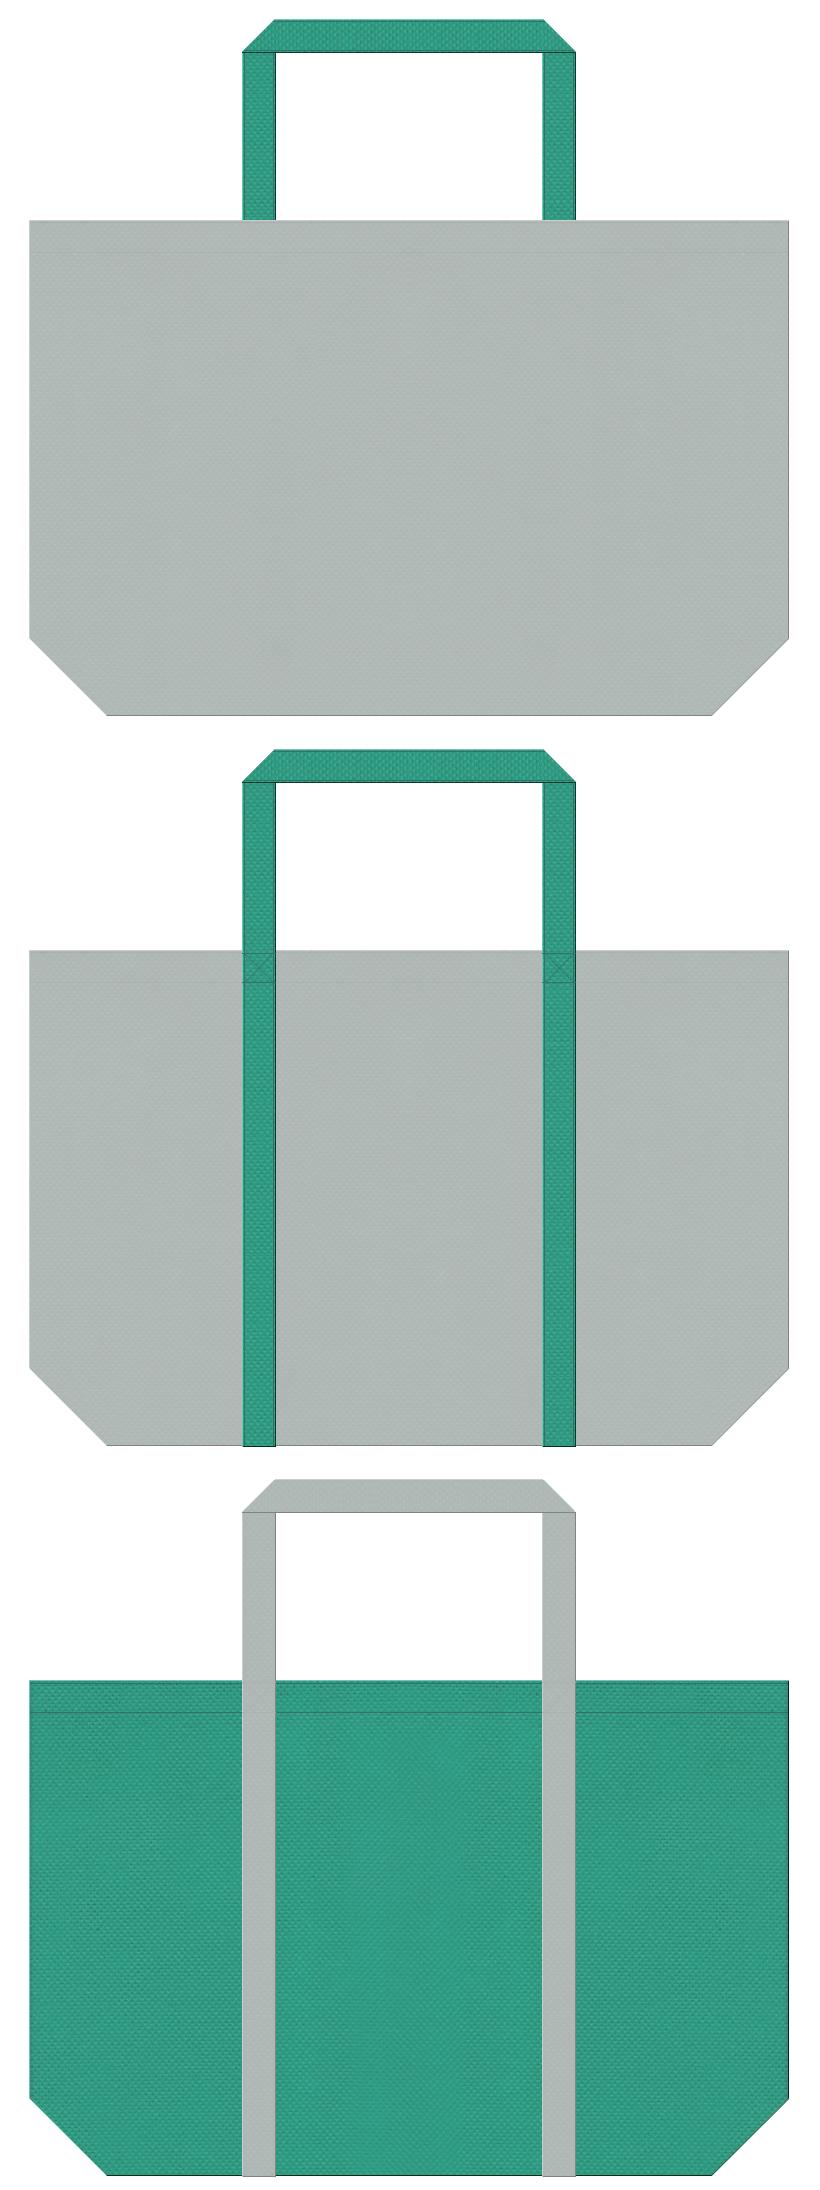 グレー色と青緑色の不織布エコバッグのデザイン。屋上緑化・壁面緑化の展示会用バッグにお奨めの配色です。